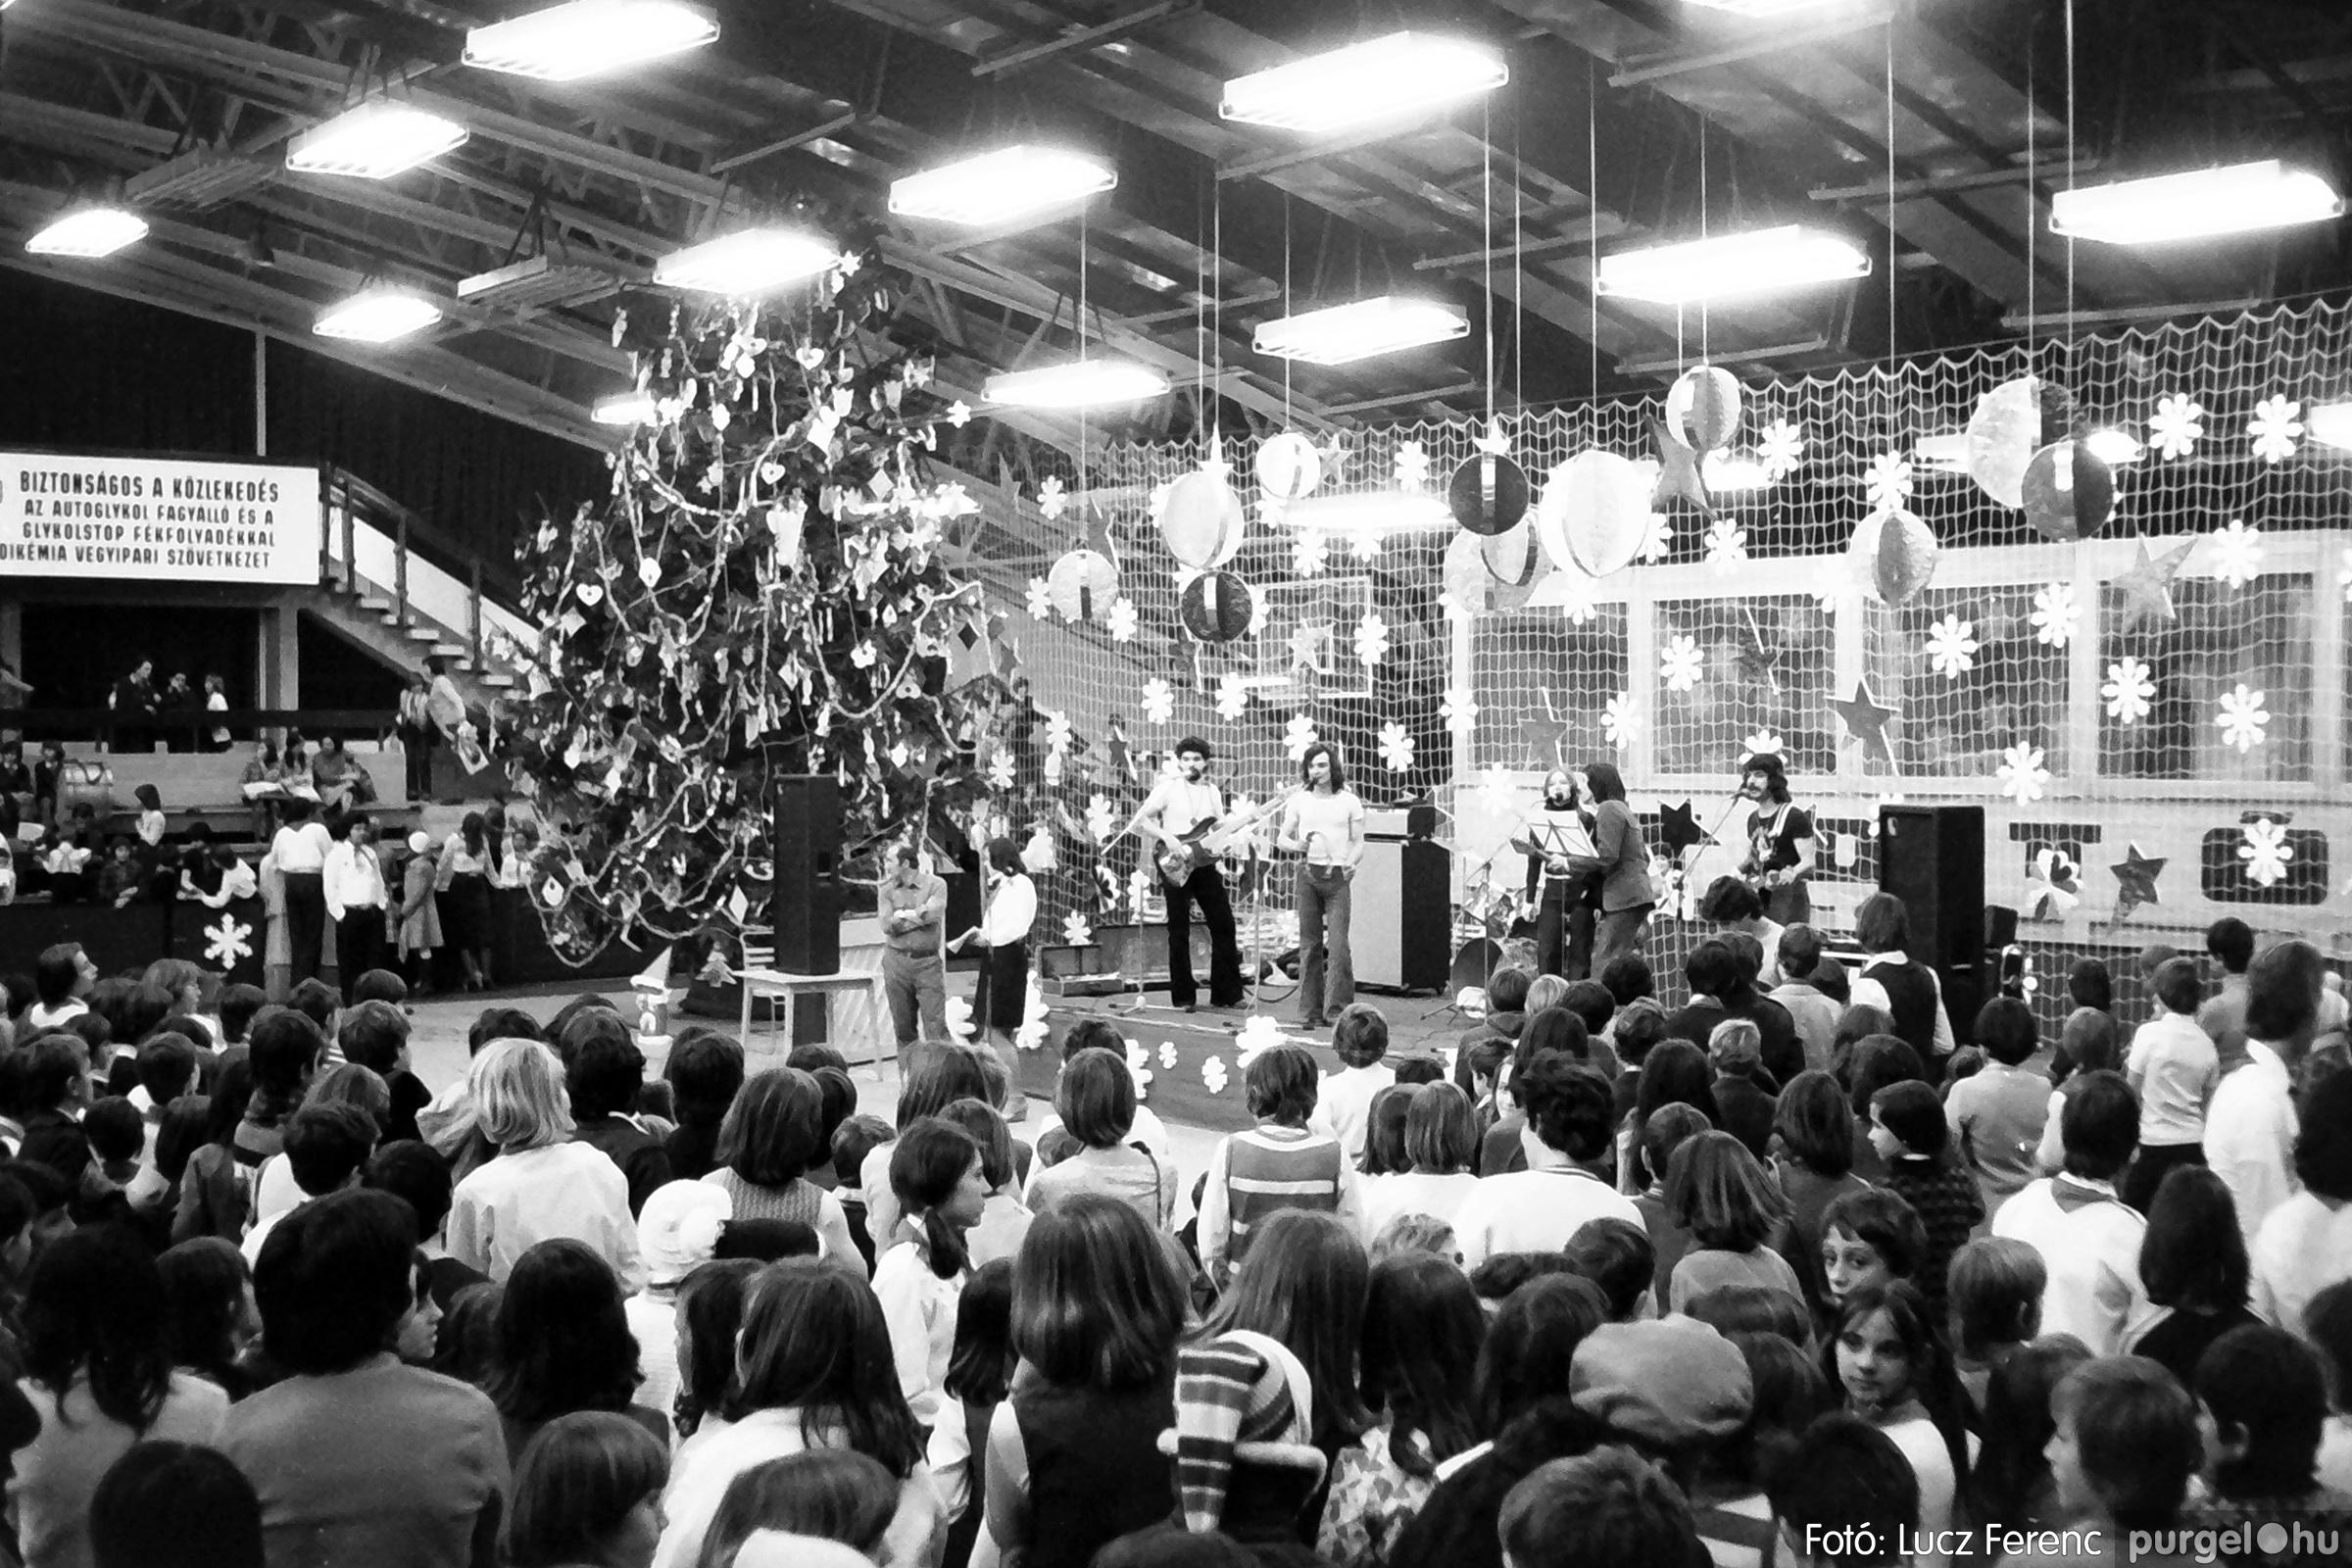 067-068. 1976. Úttörőkarácsony Szegeden 032. - Fotó: Lucz Ferenc.jpg